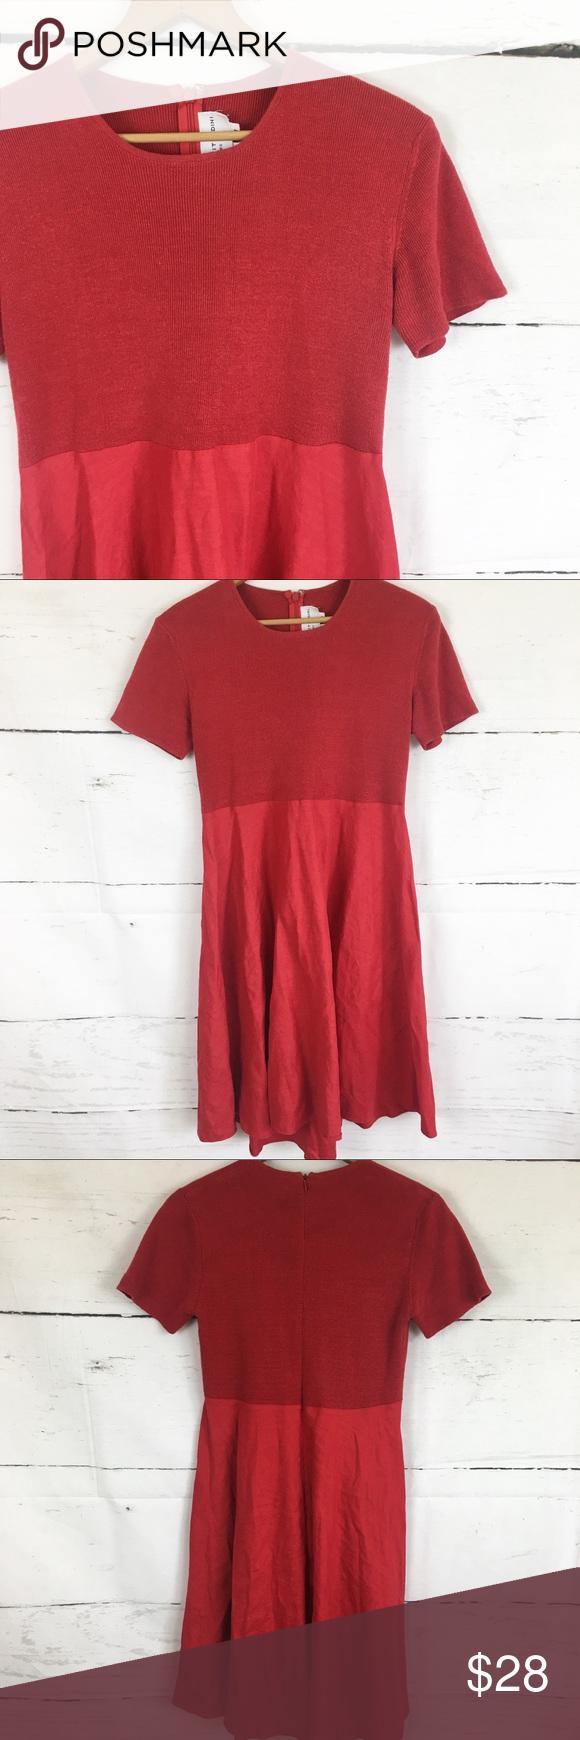 b72c3b4b16 Adrienne Vittadini Red Cotton Linen Dress